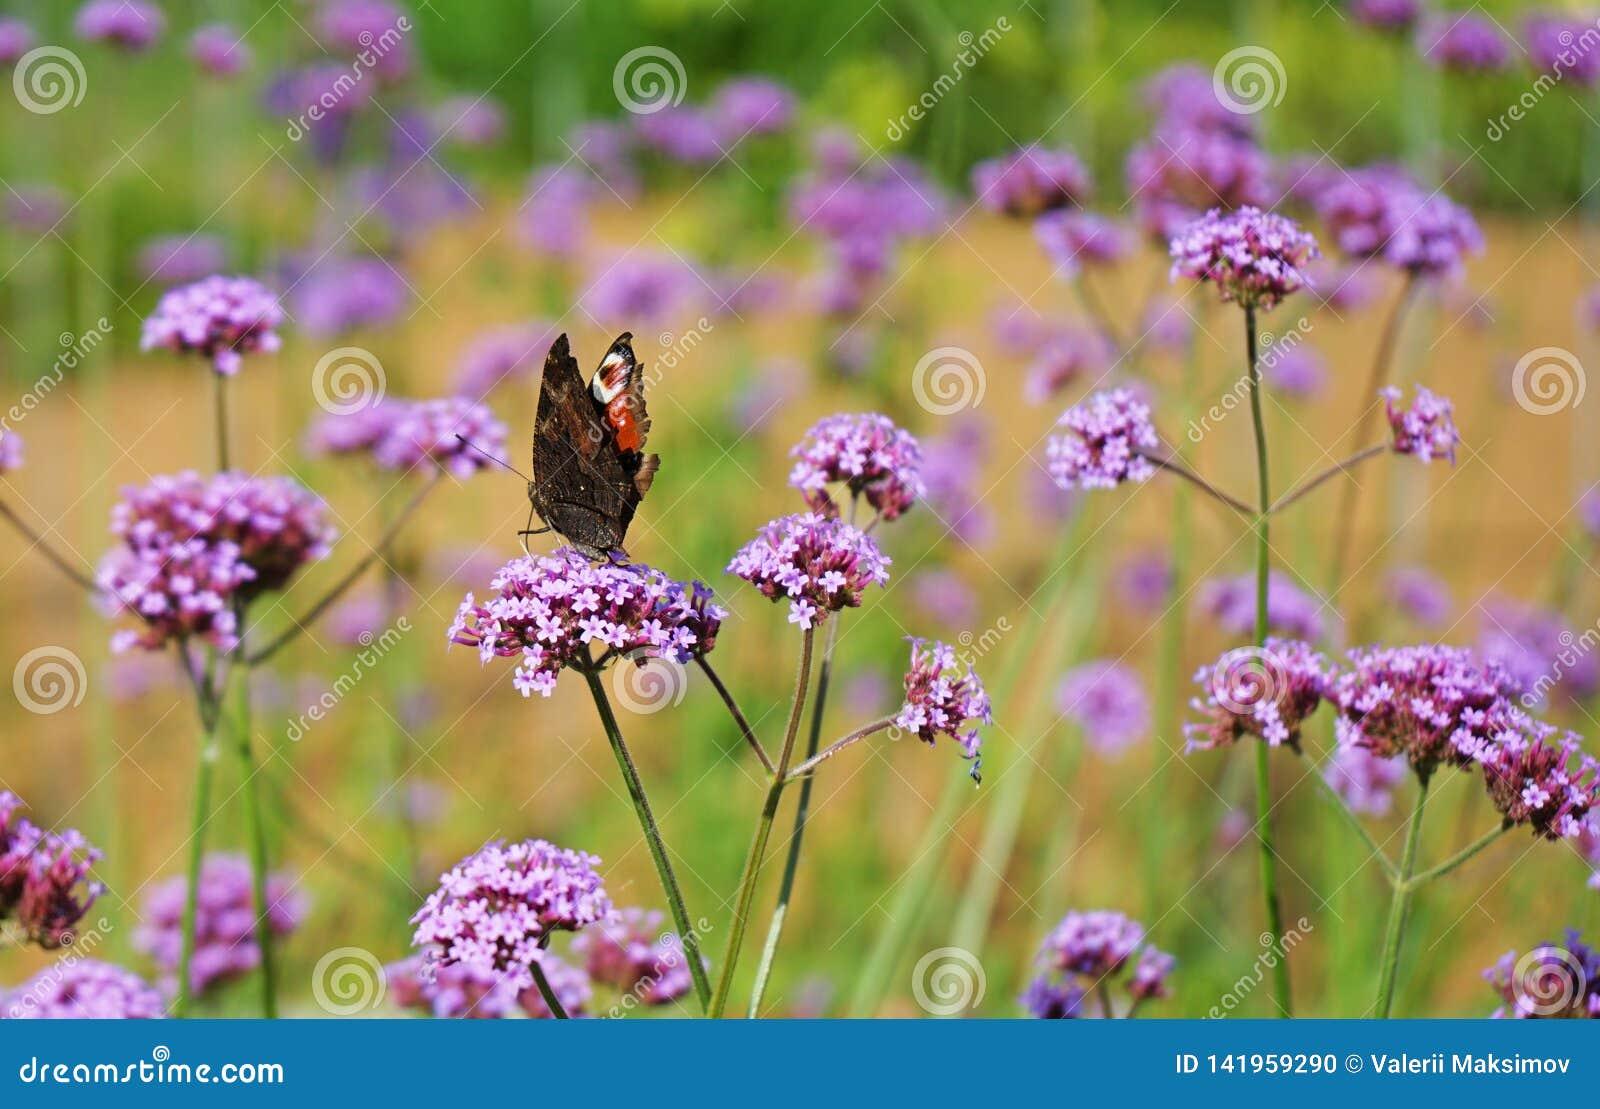 Plexippus för danaus för monarkfjäril på en lila blomma